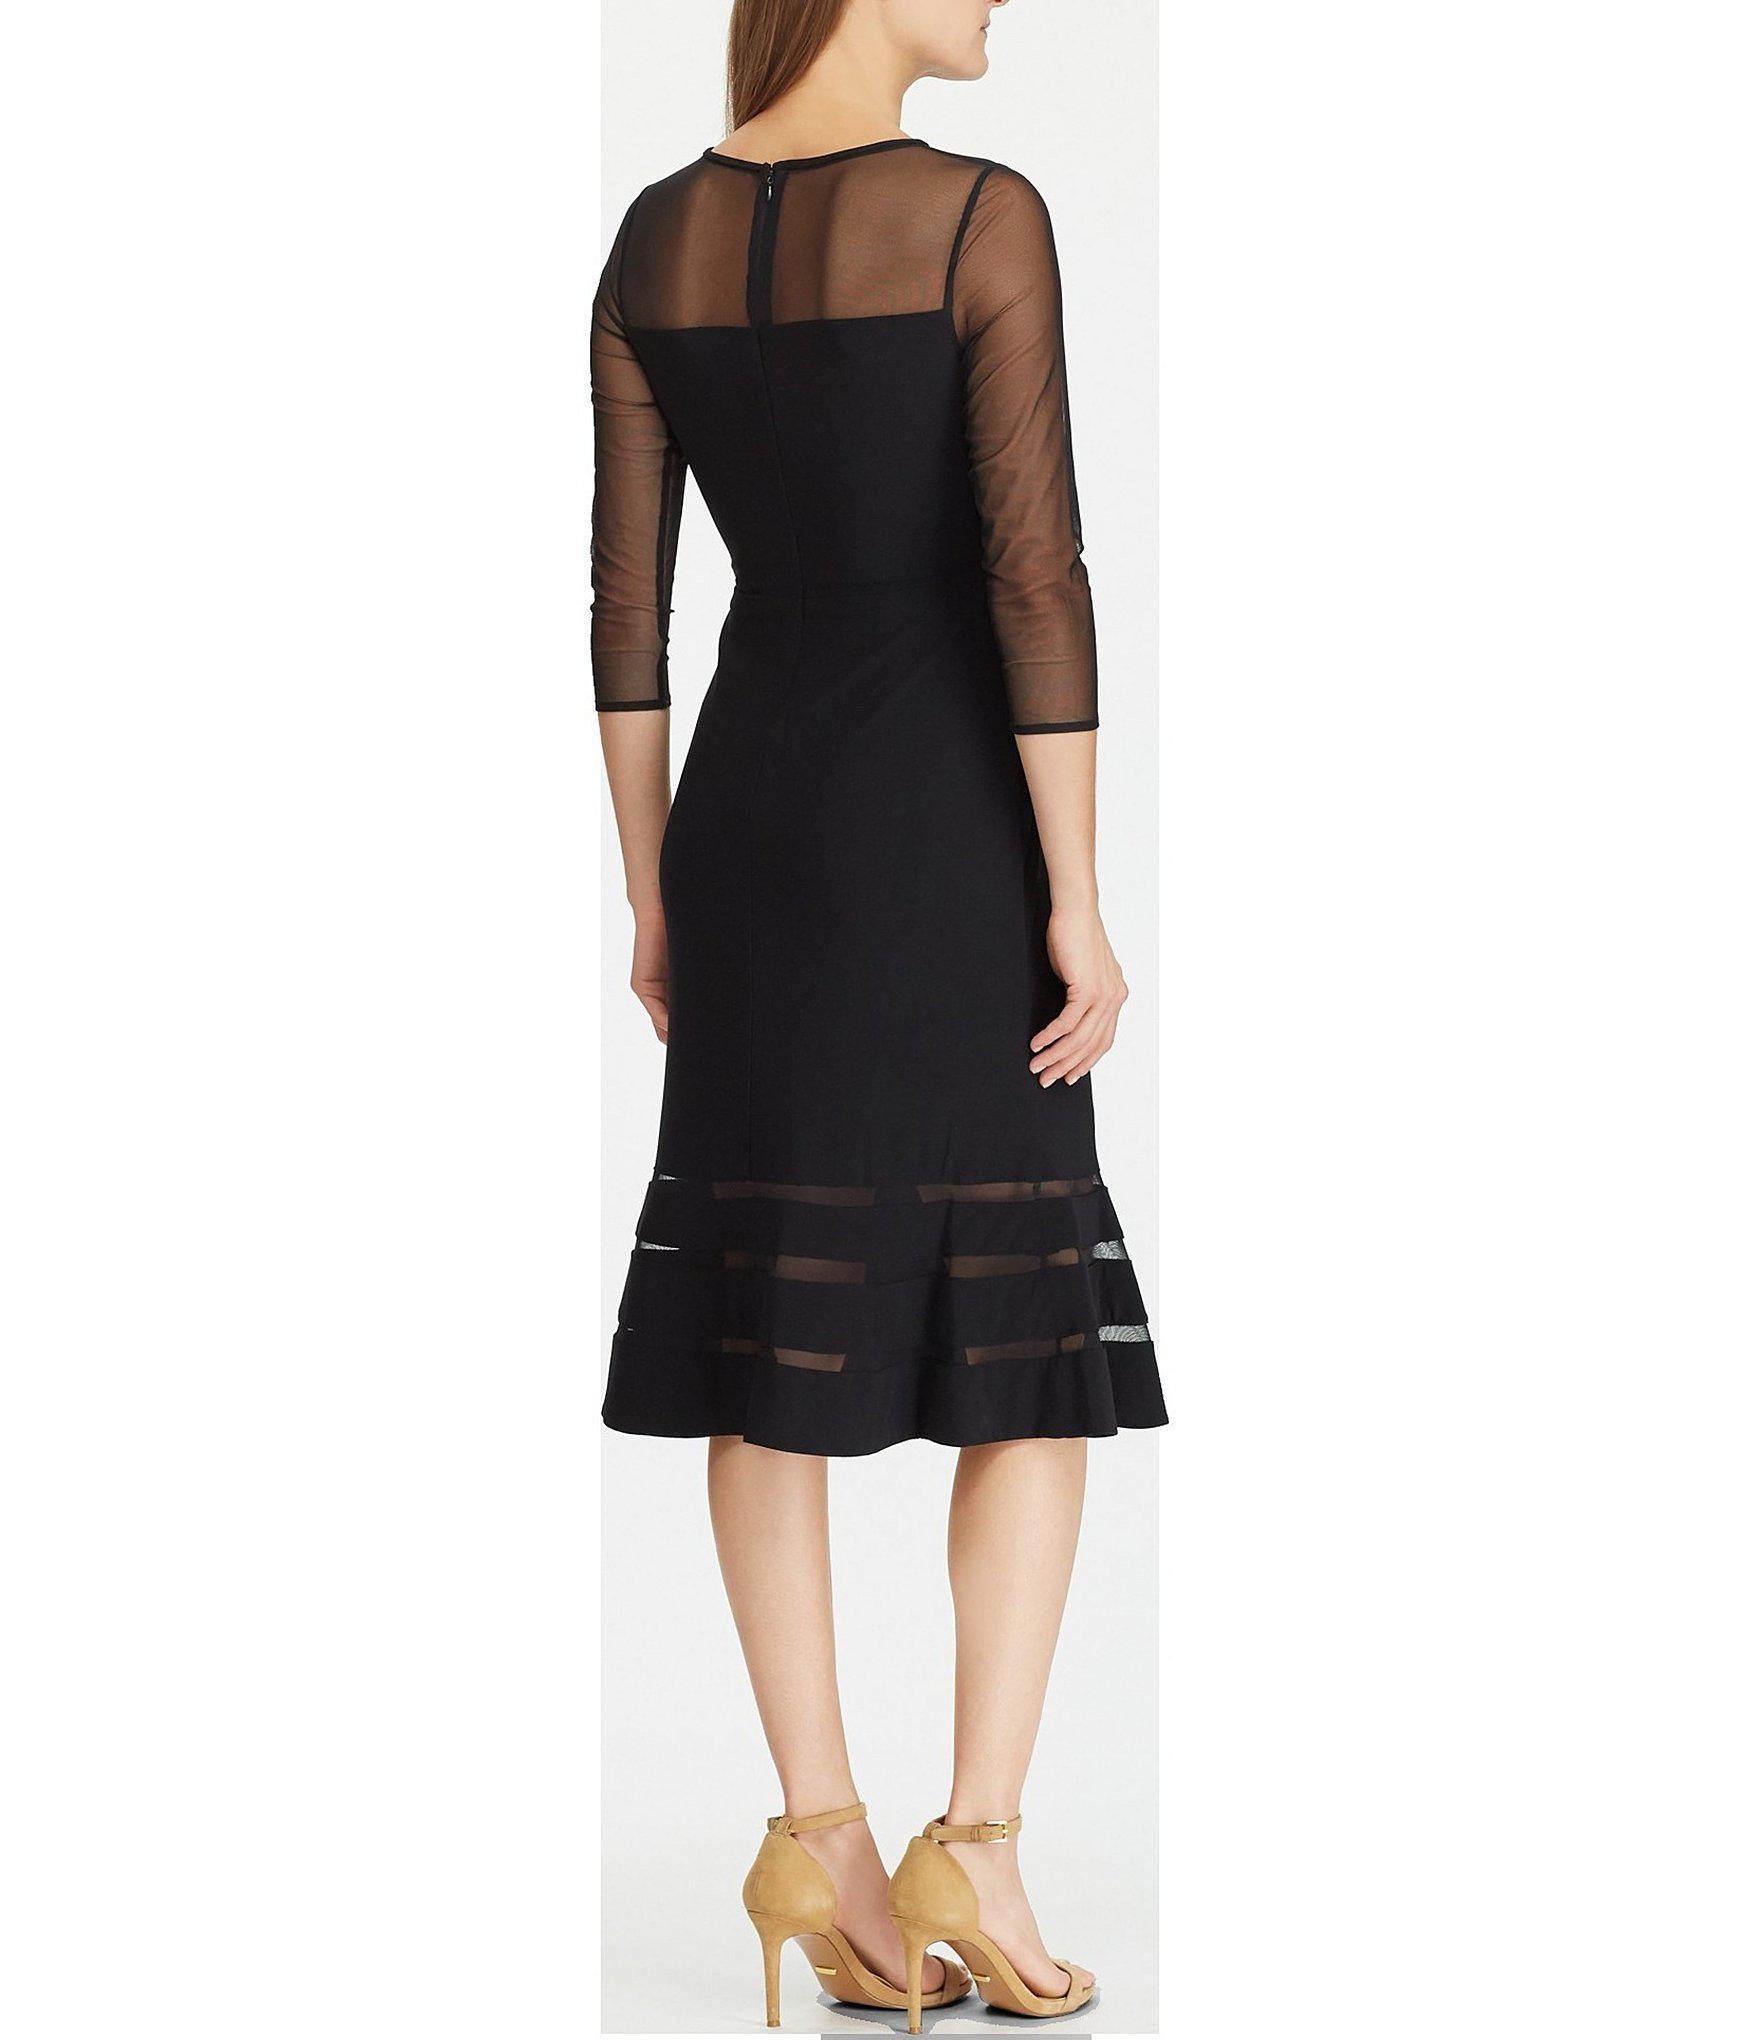 945a4c1e50 Lauren by Ralph Lauren - Black Jersey Mesh Inset Flutter Hem Midi Dress -  Lyst. View fullscreen